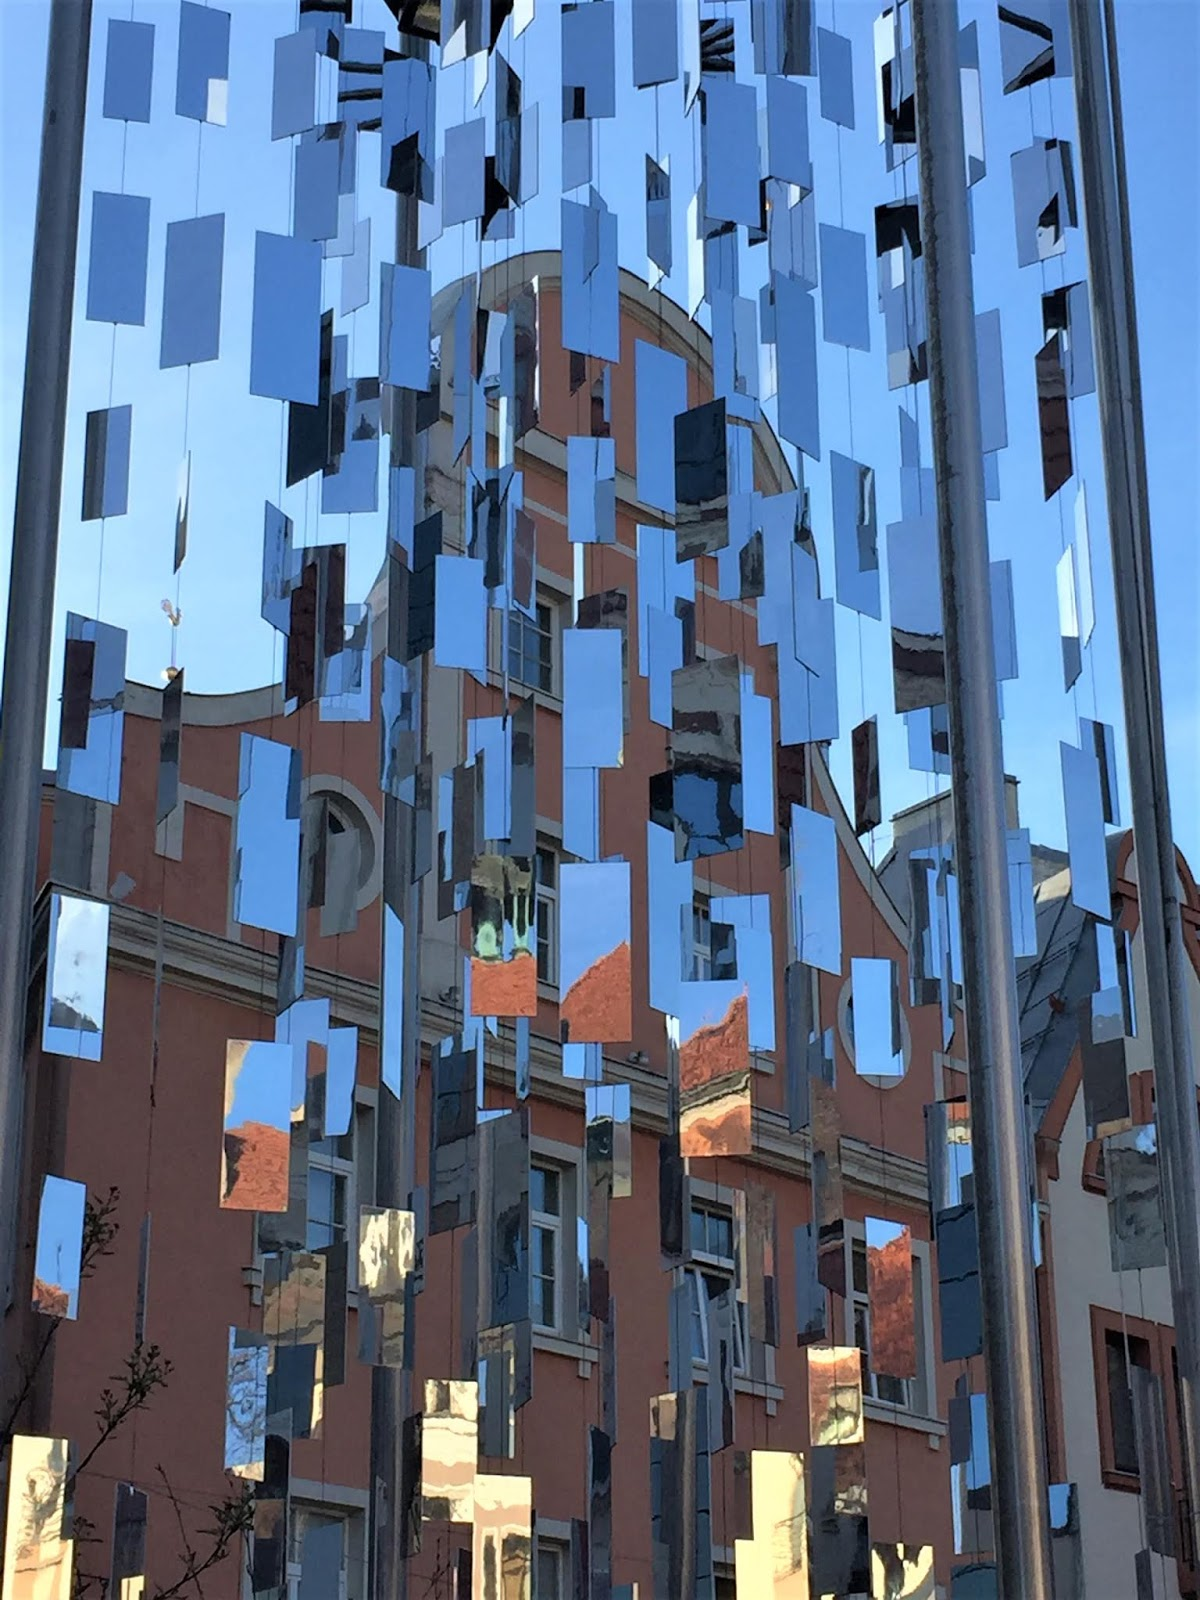 Un palazzo della città vecchia attraverso uno scultura di specchi